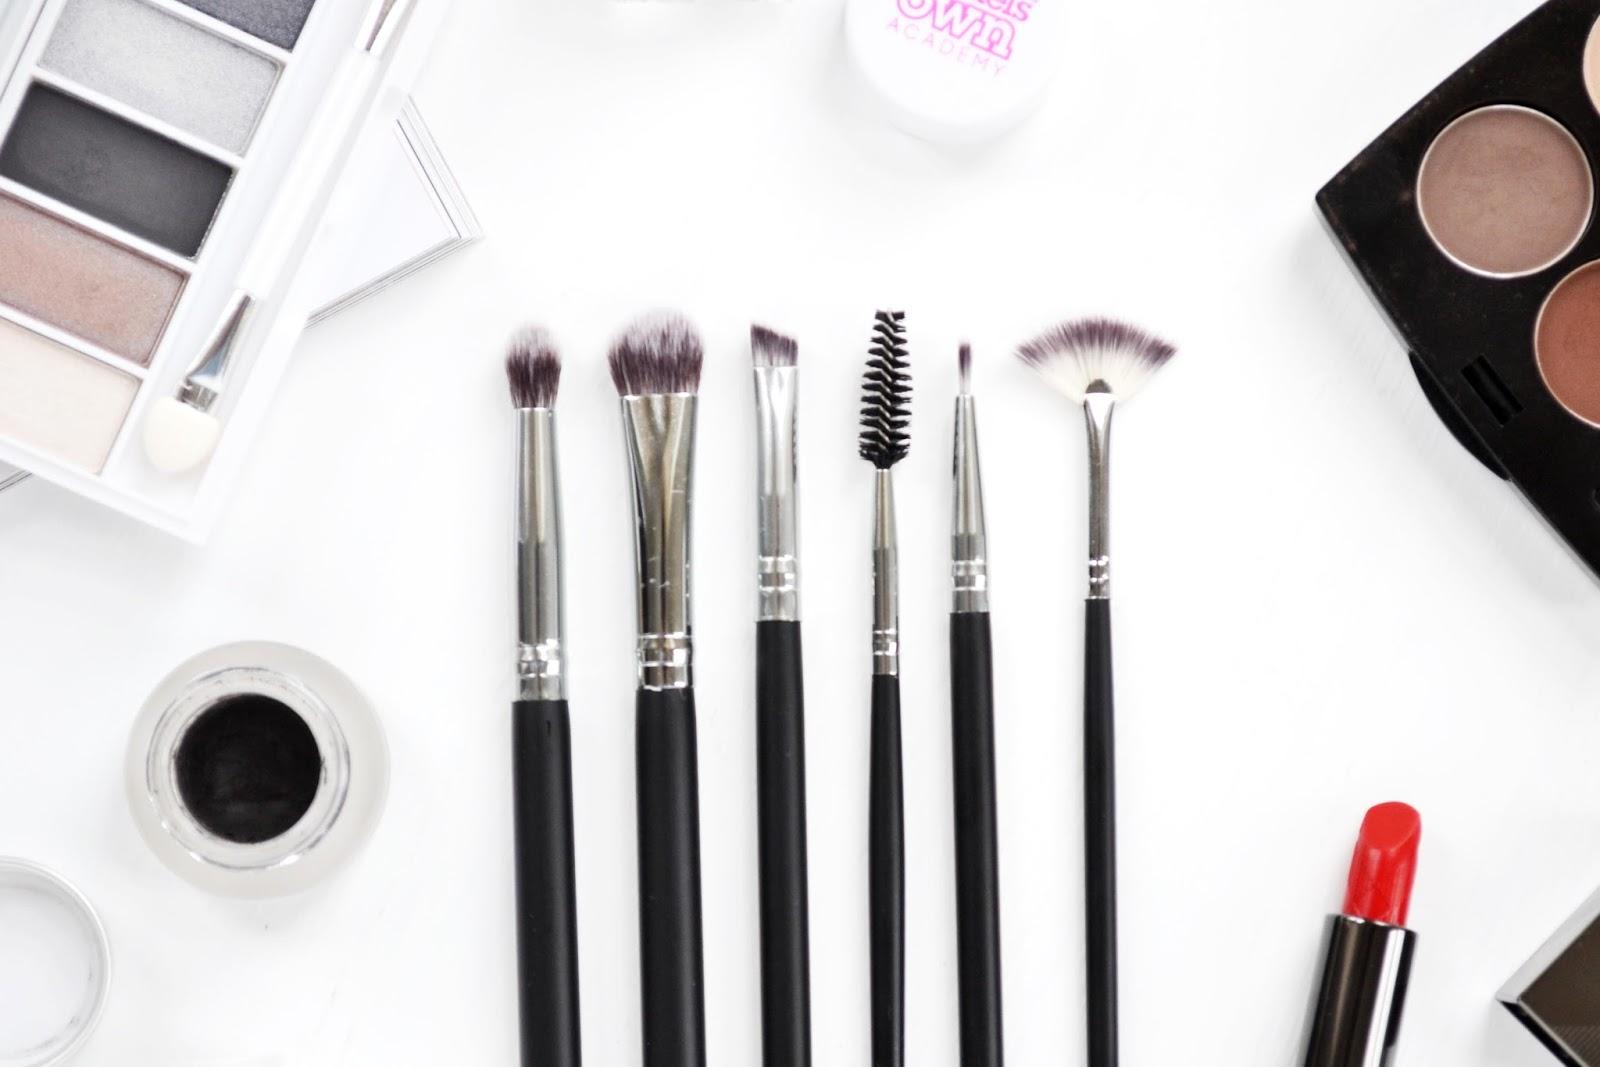 crownbrush brush set for eye make up